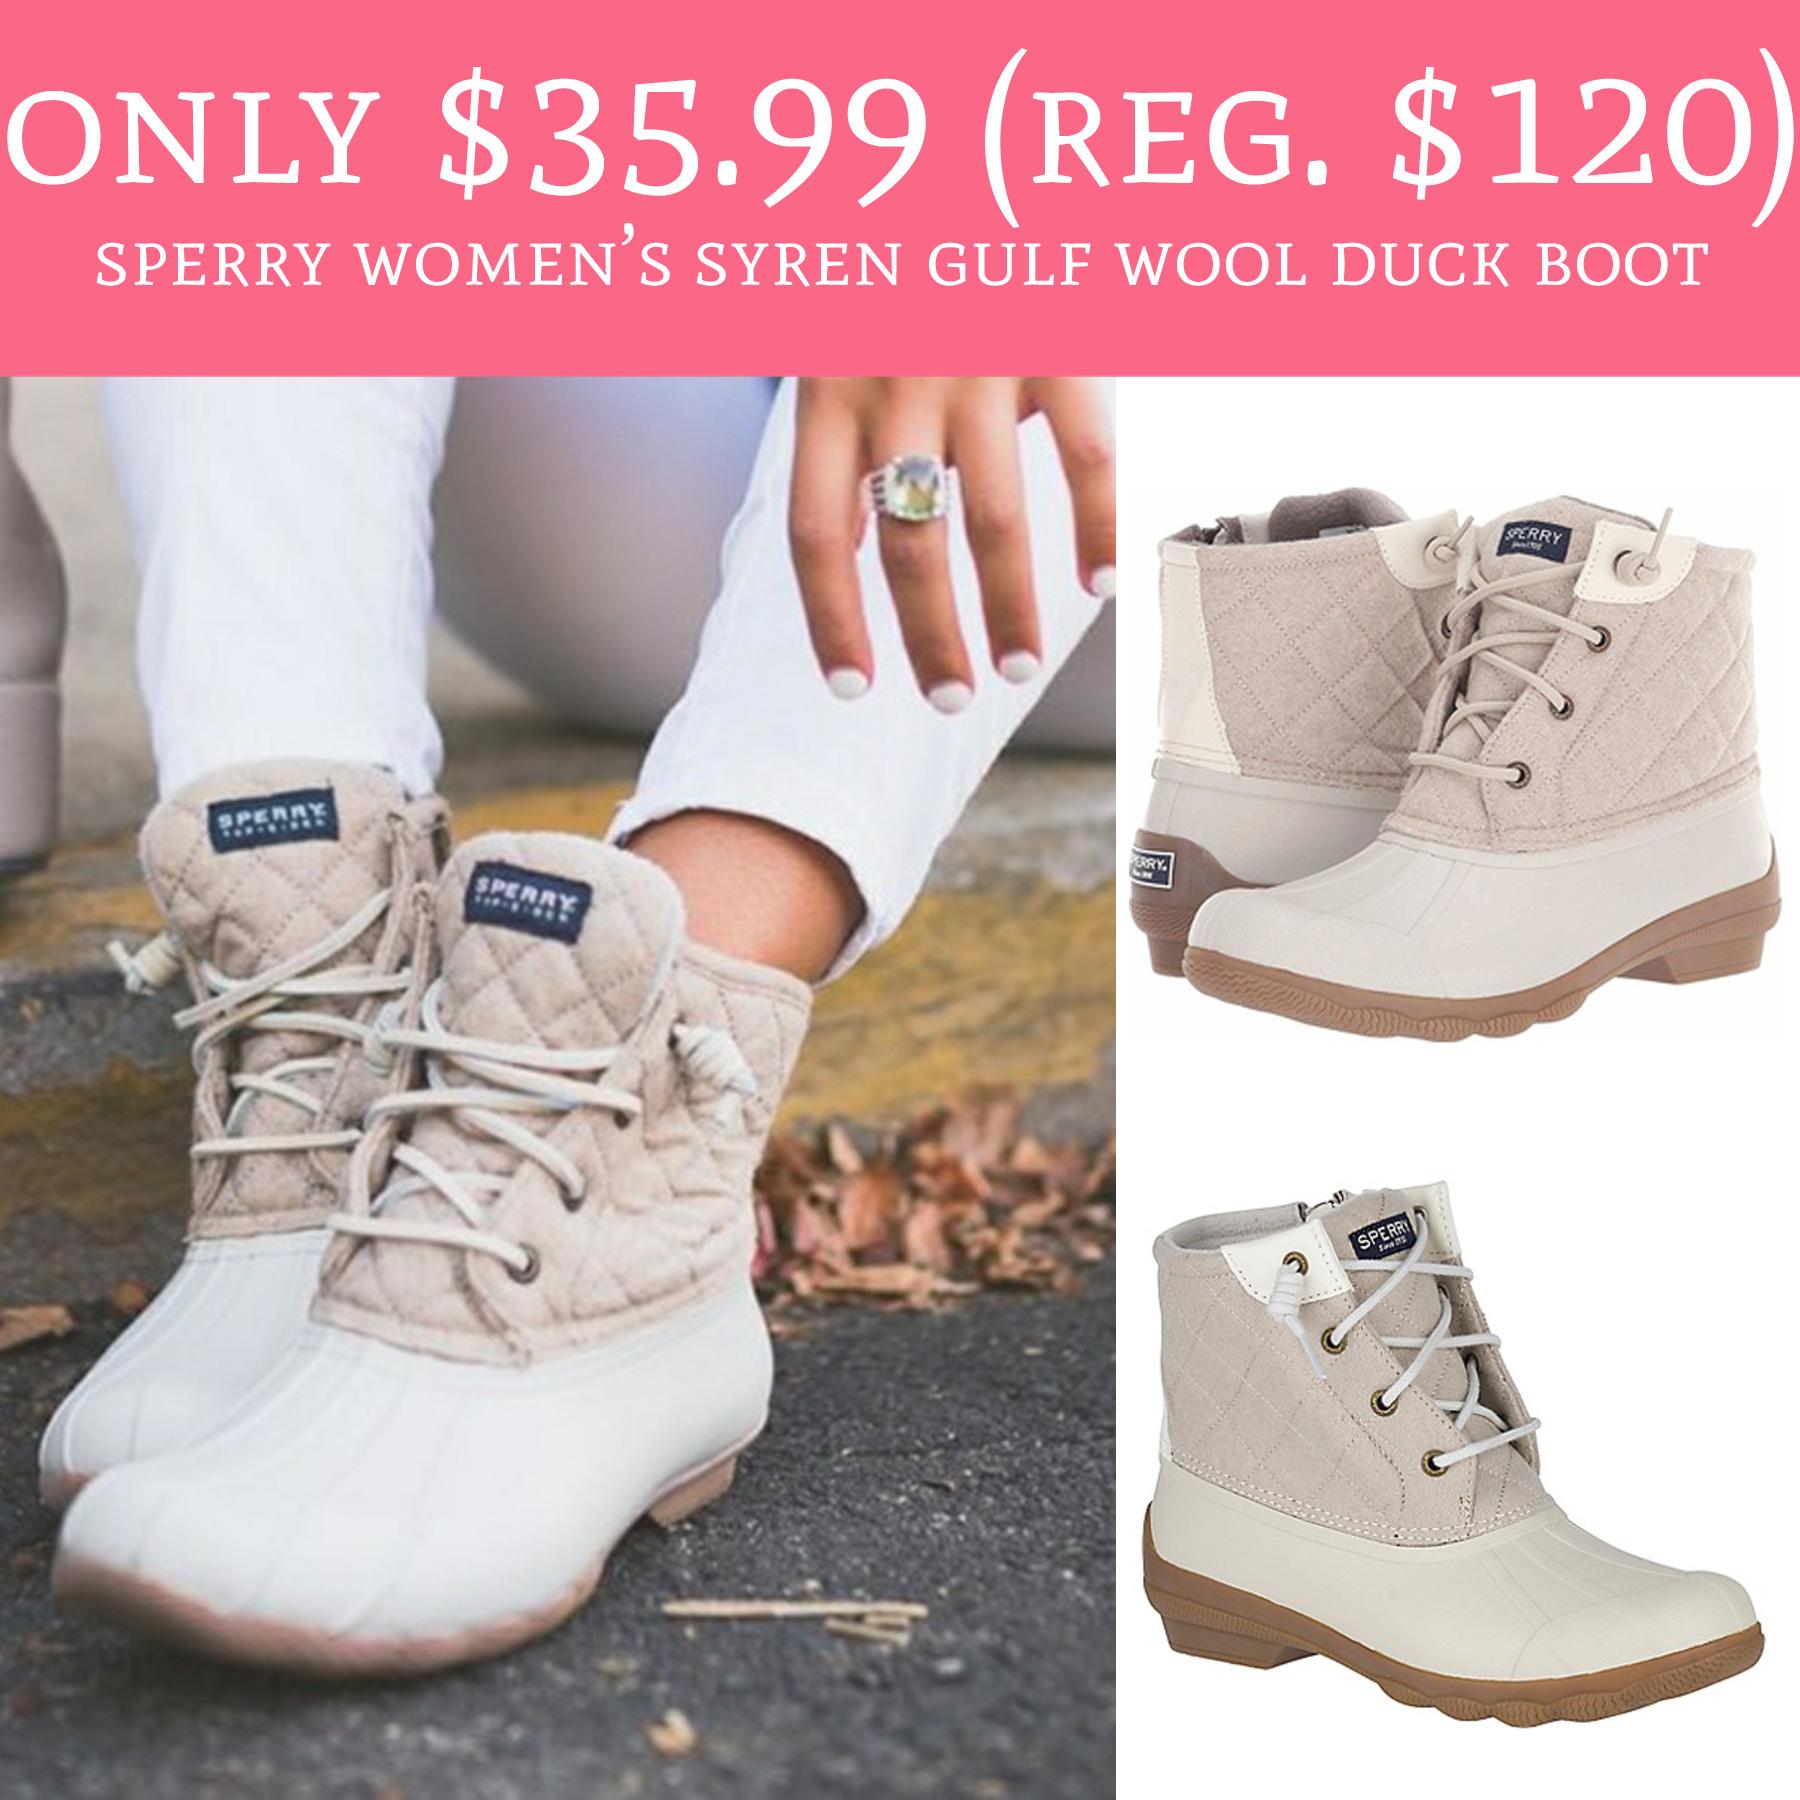 Sperry Women's Syen Gulf Wool Duck Boot